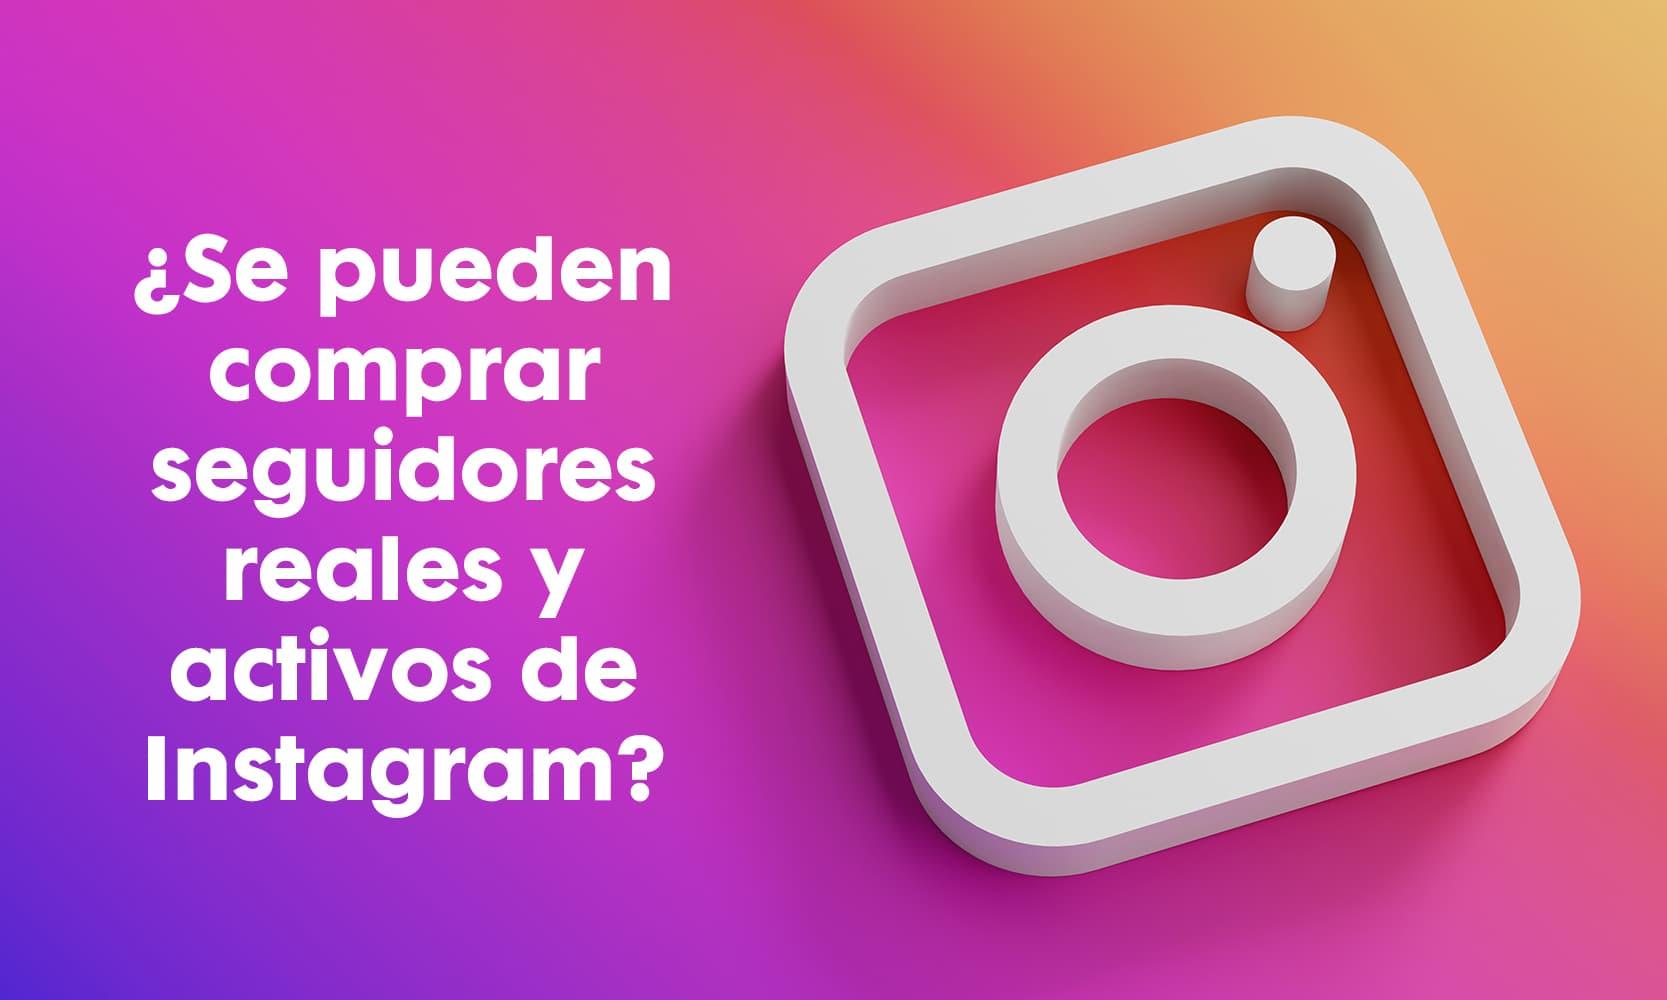 ¿Se pueden comprar seguidores reales y activos de Instagram?